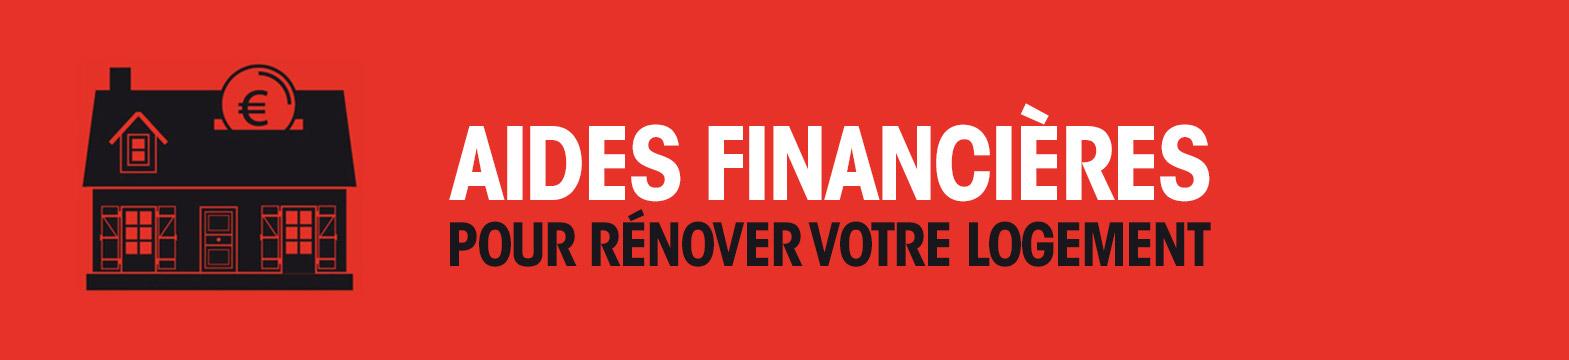 les aides_financières